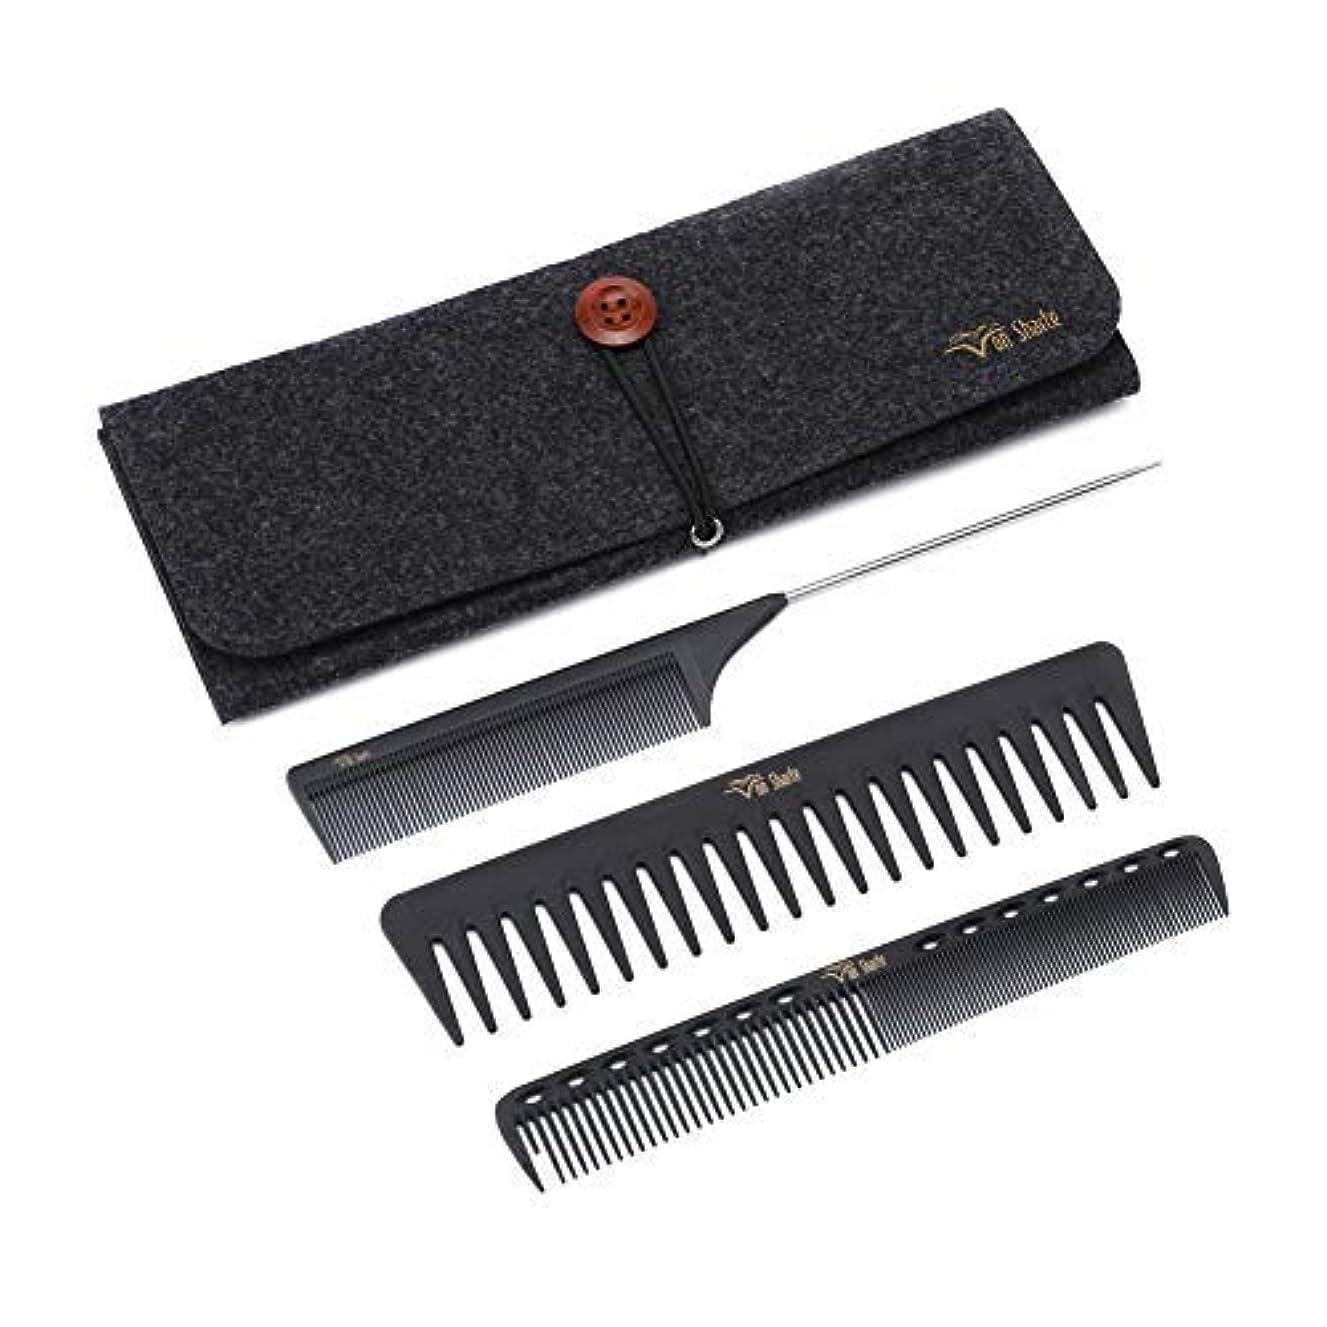 手術ライド正しいStyling Comb Set,Hairdresser Barber Comb Cutting Hair Comb Carbon Fiber Wide Tooth Comb Metal Rat Pin Tail Comb...